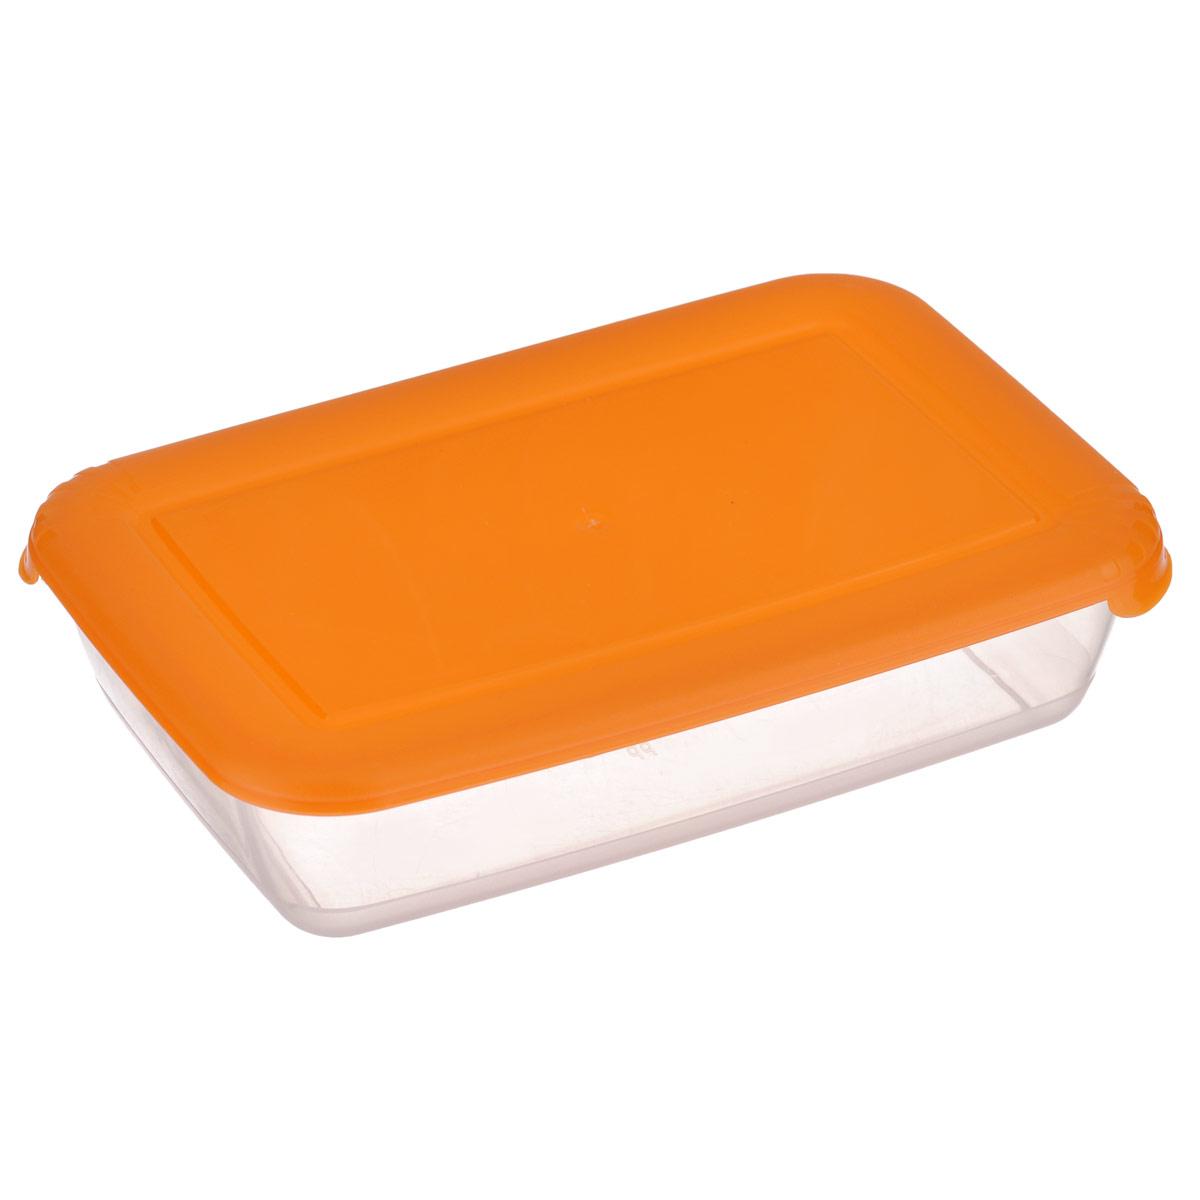 Контейнер для СВЧ Полимербыт Лайт, цвет: оранжевый, 0,45 лVT-1520(SR)Прямоугольный контейнер для СВЧ Полимербыт Лайт изготовлен из высококачественного прочного пластика, устойчивого к высоким температурам (до +120°С). Цветная полупрозрачная крышка плотно закрывается, дольше сохраняя продукты свежими и вкусными. Контейнер идеально подходит для хранения пищи, его удобно брать с собой на работу, учебу, пикник или просто использовать для хранения пищи в холодильнике.Подходит для разогрева пищи в микроволновой печи и для заморозки в морозильной камере (при минимальной температуре -40°С). Можно мыть в посудомоечной машине.